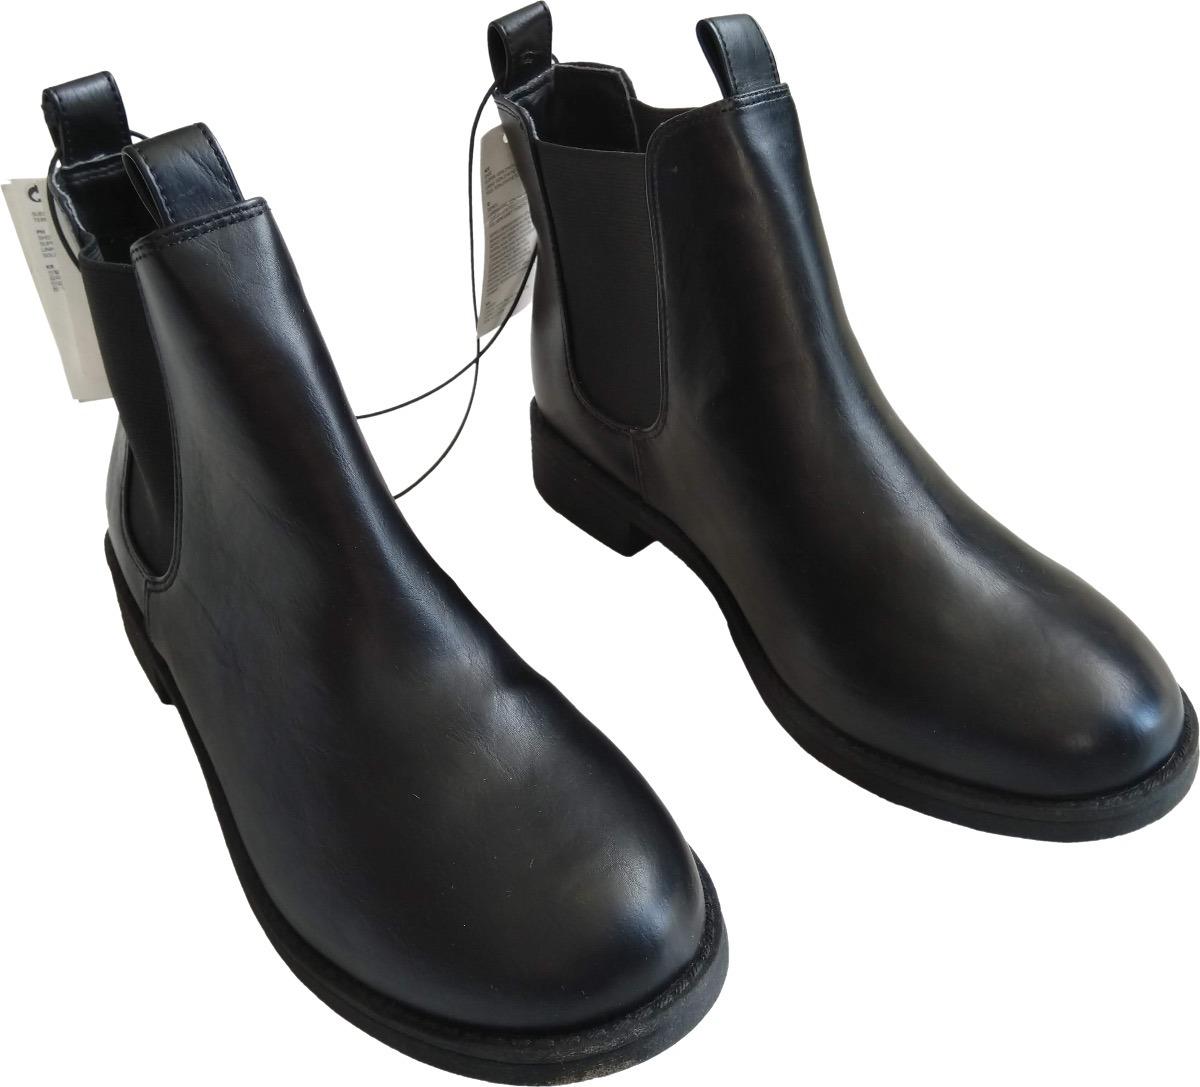 6f2175abca7c4 Botín Zapato Para Dama H m Nueva -   550.00 en Mercado Libre